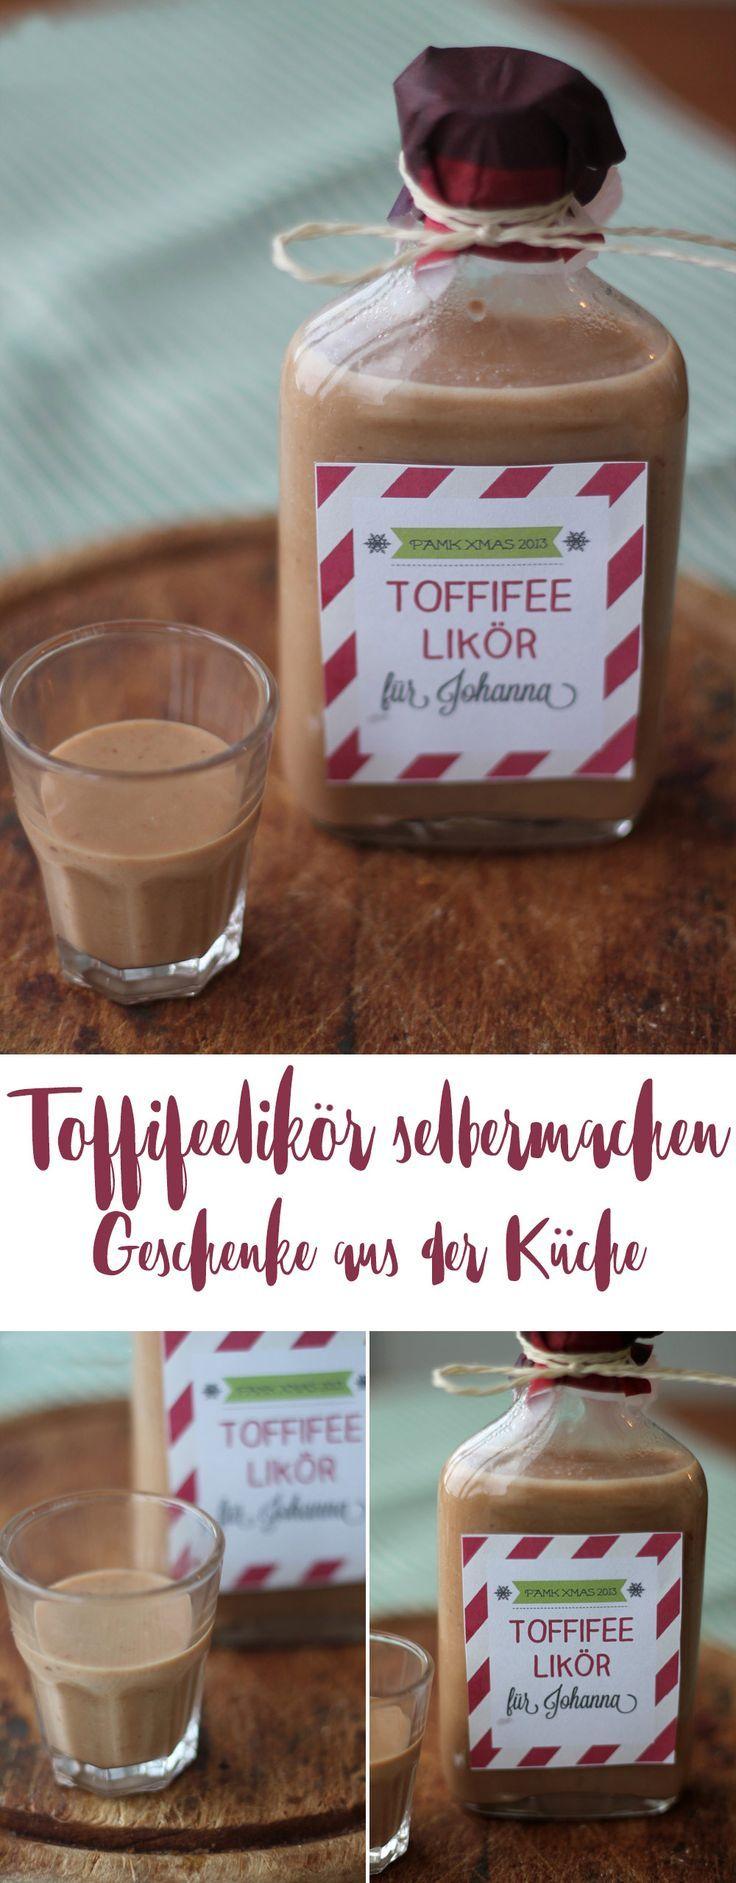 Toffifee Likör - Weihnachtslikör Rezept - PAMK Froh und lecker #weihnachtsgeschenkeselbermachen